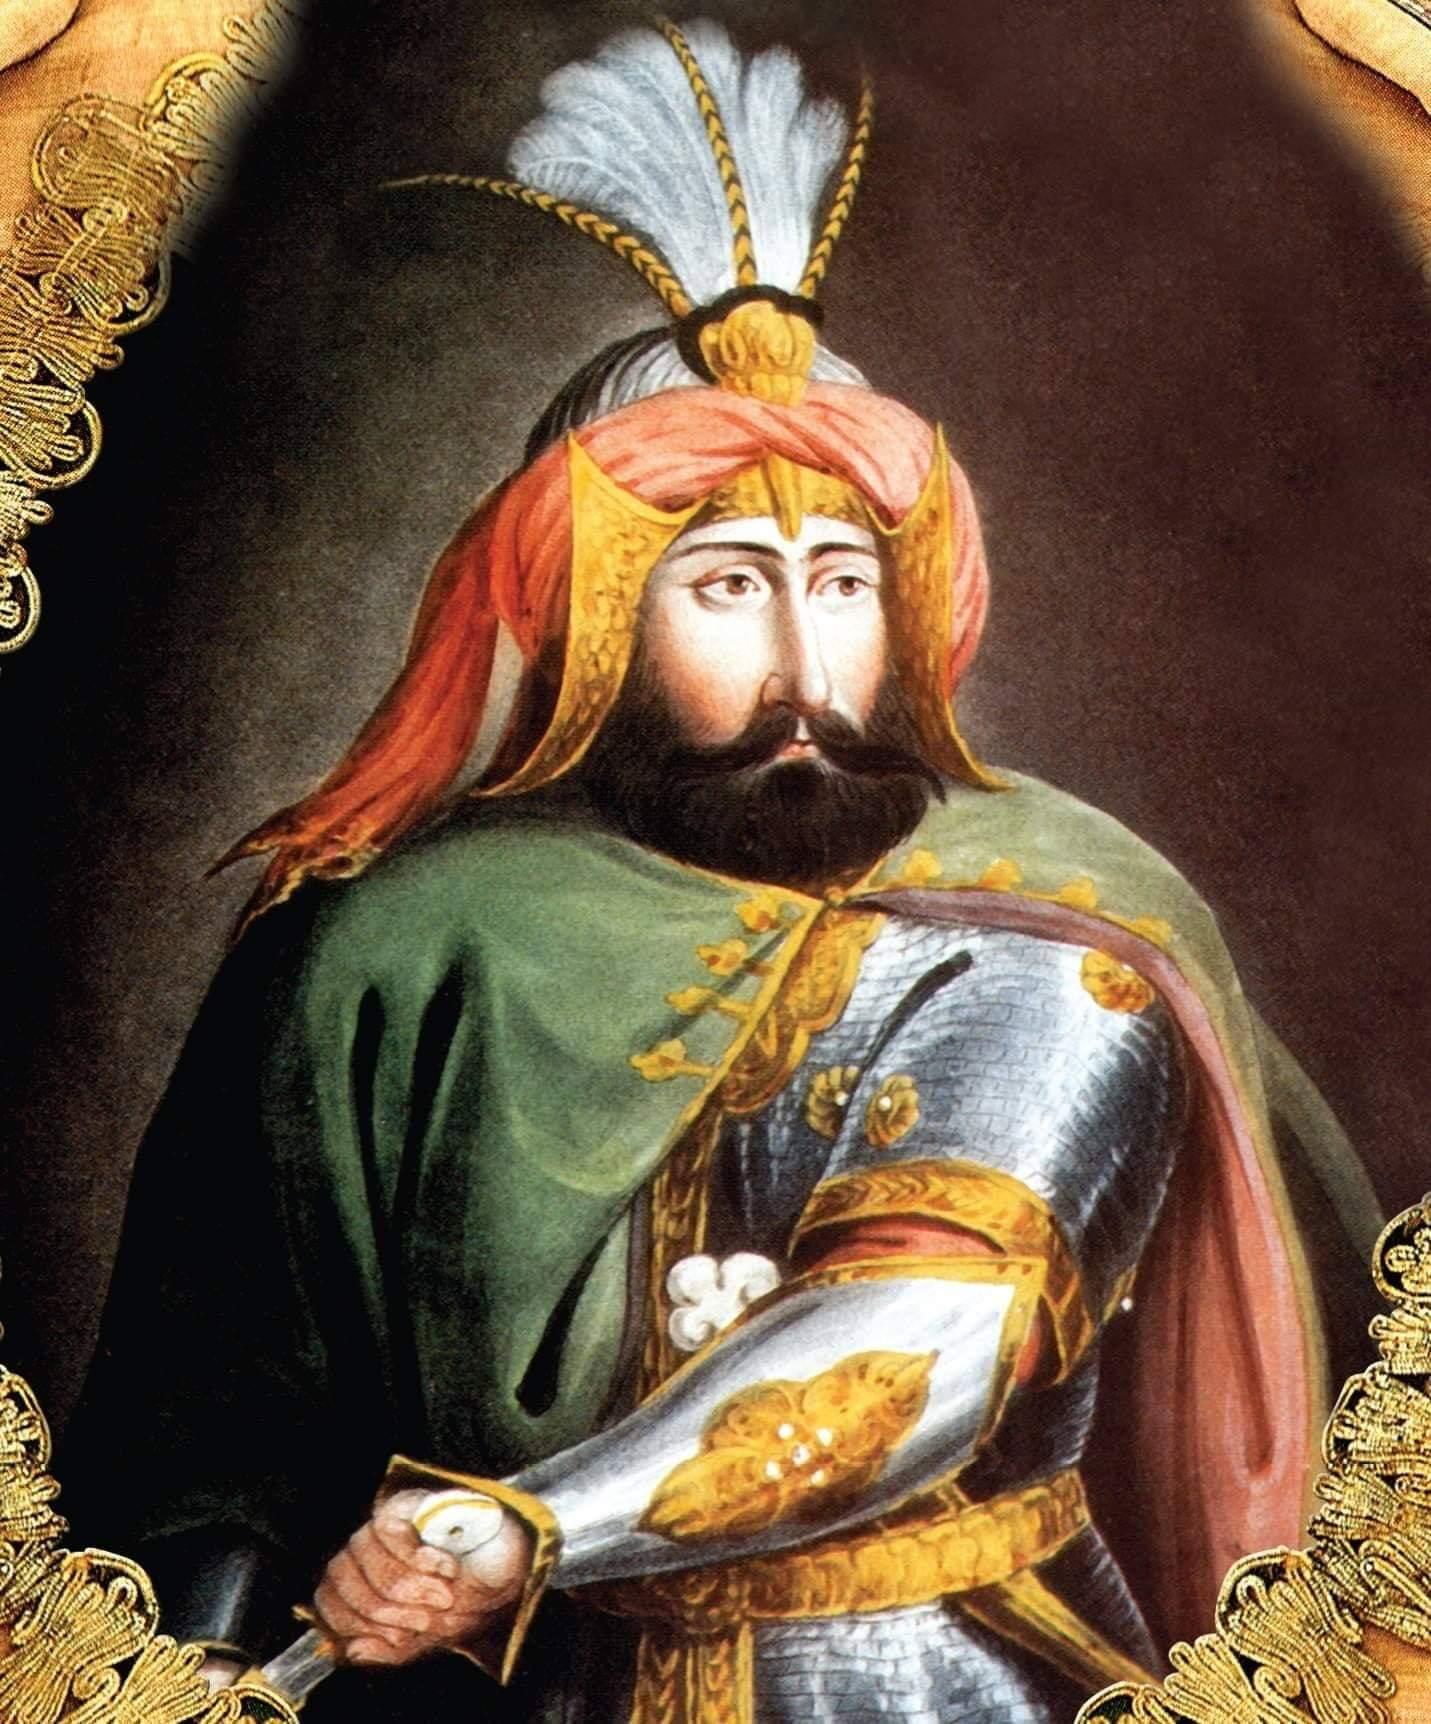 Sultan 4. Murad Han Özellikleri